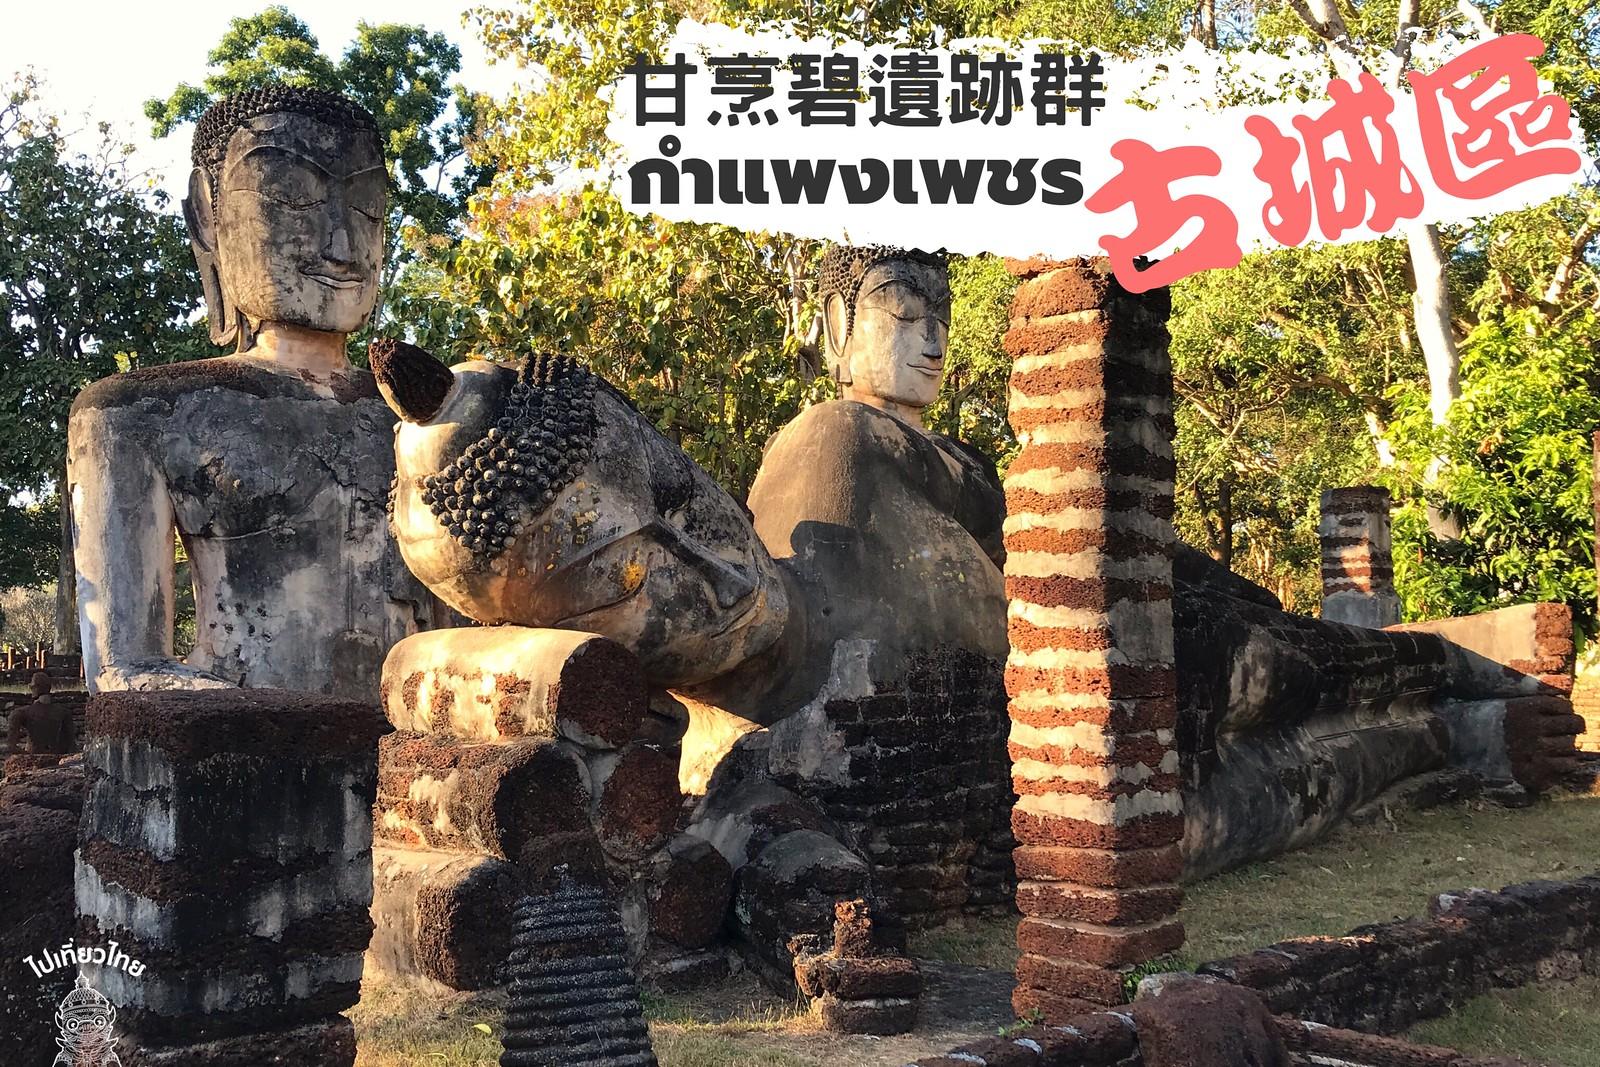 鑽石般的城牆-甘烹碧遺跡公園古城區